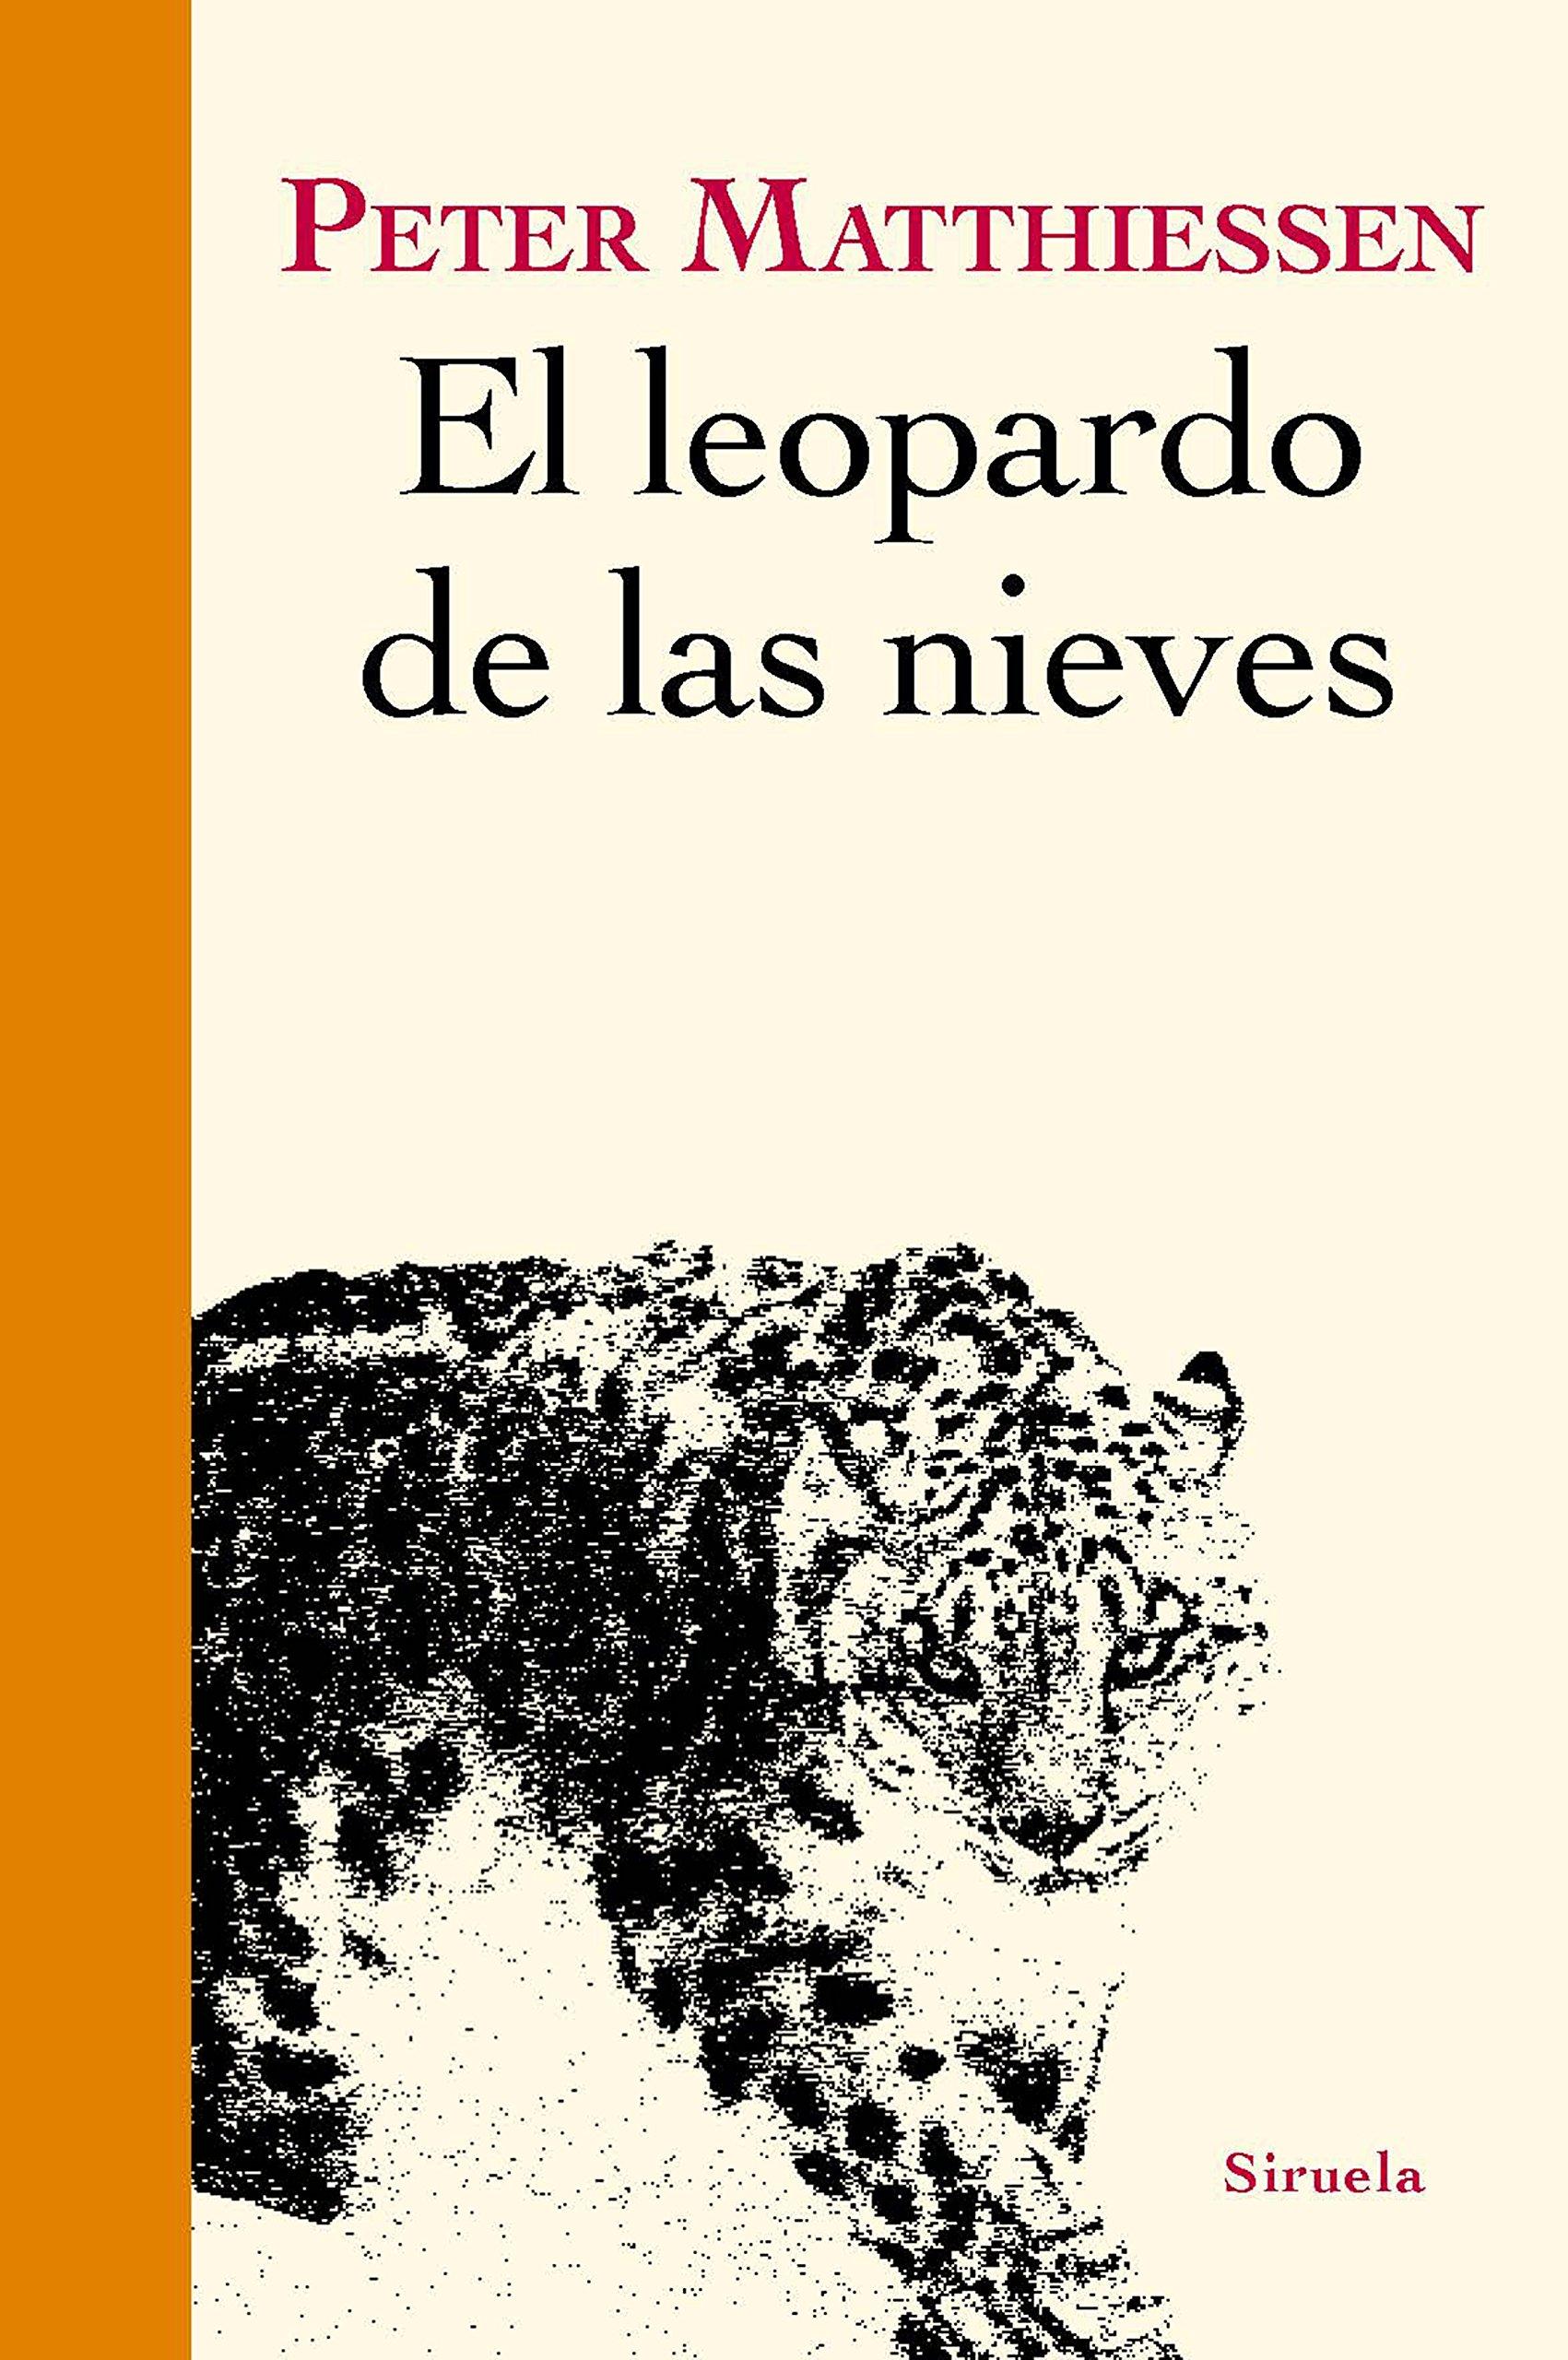 leopardo de las nieves, libro viajes